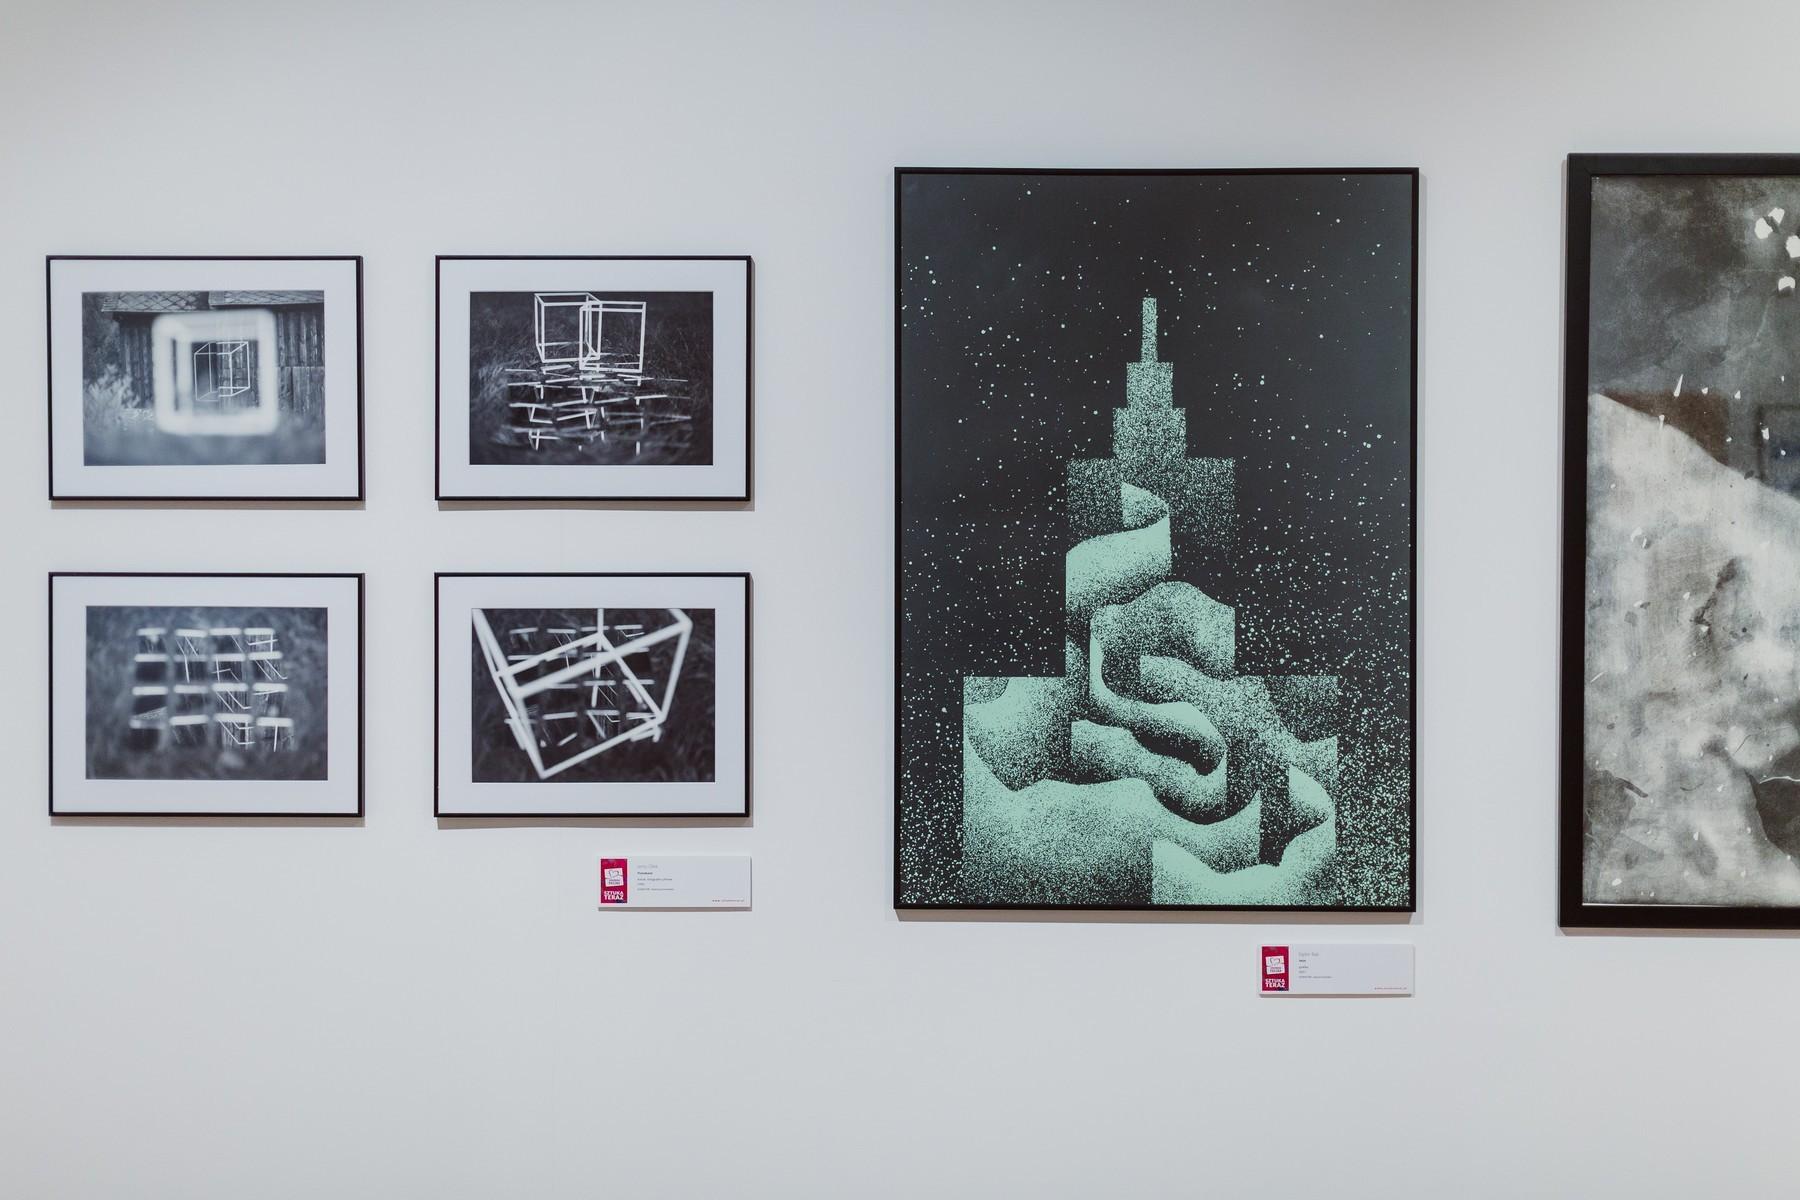 Wystawa w Kamienicy Szołayskich, fot. Kamil Kożuch (źródło: materiały prasowe organizatora)